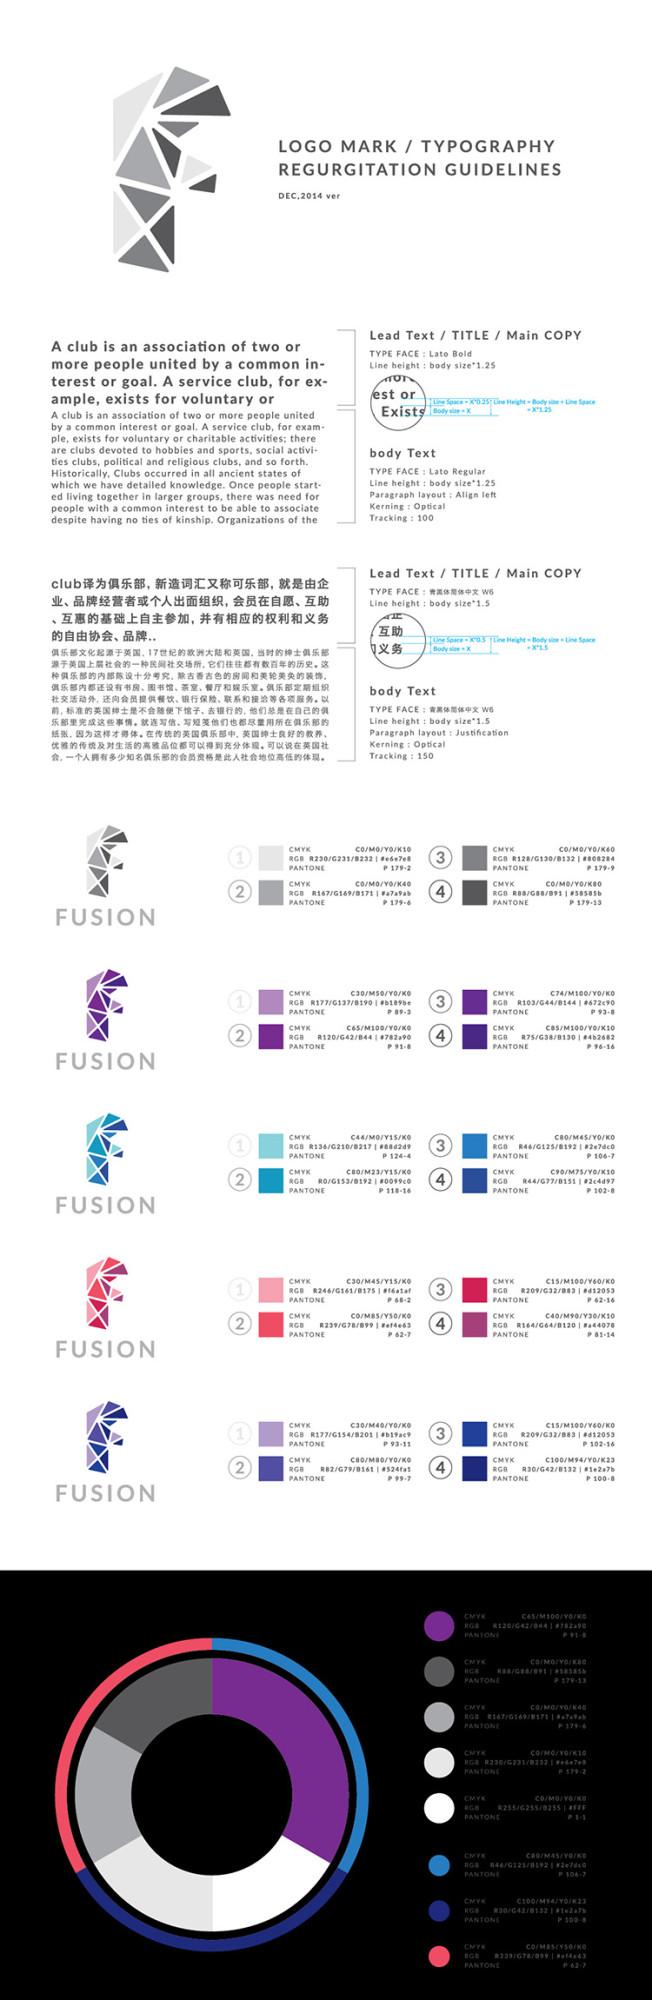 201412-FusionVIkit_ol_verCC